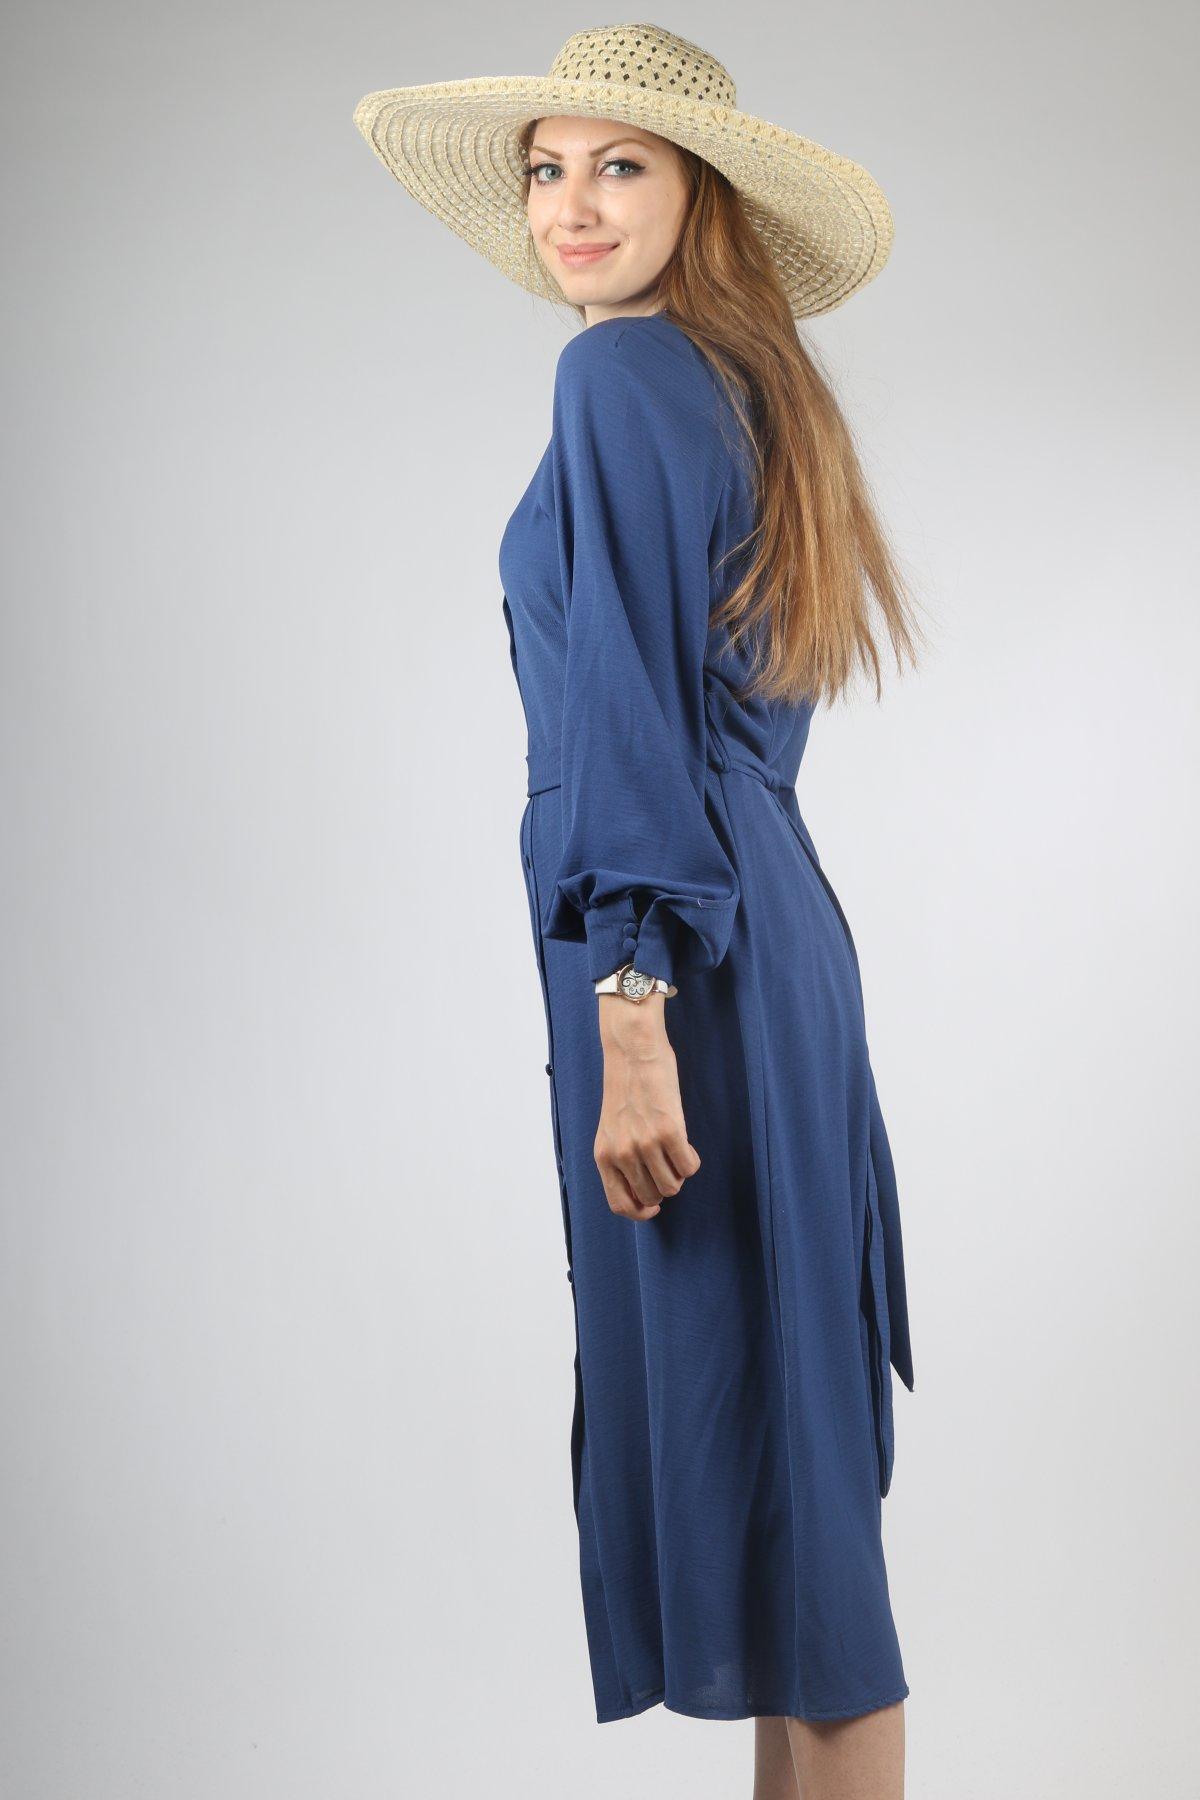 Kol Ucu Manşet Düğmeli Elbise